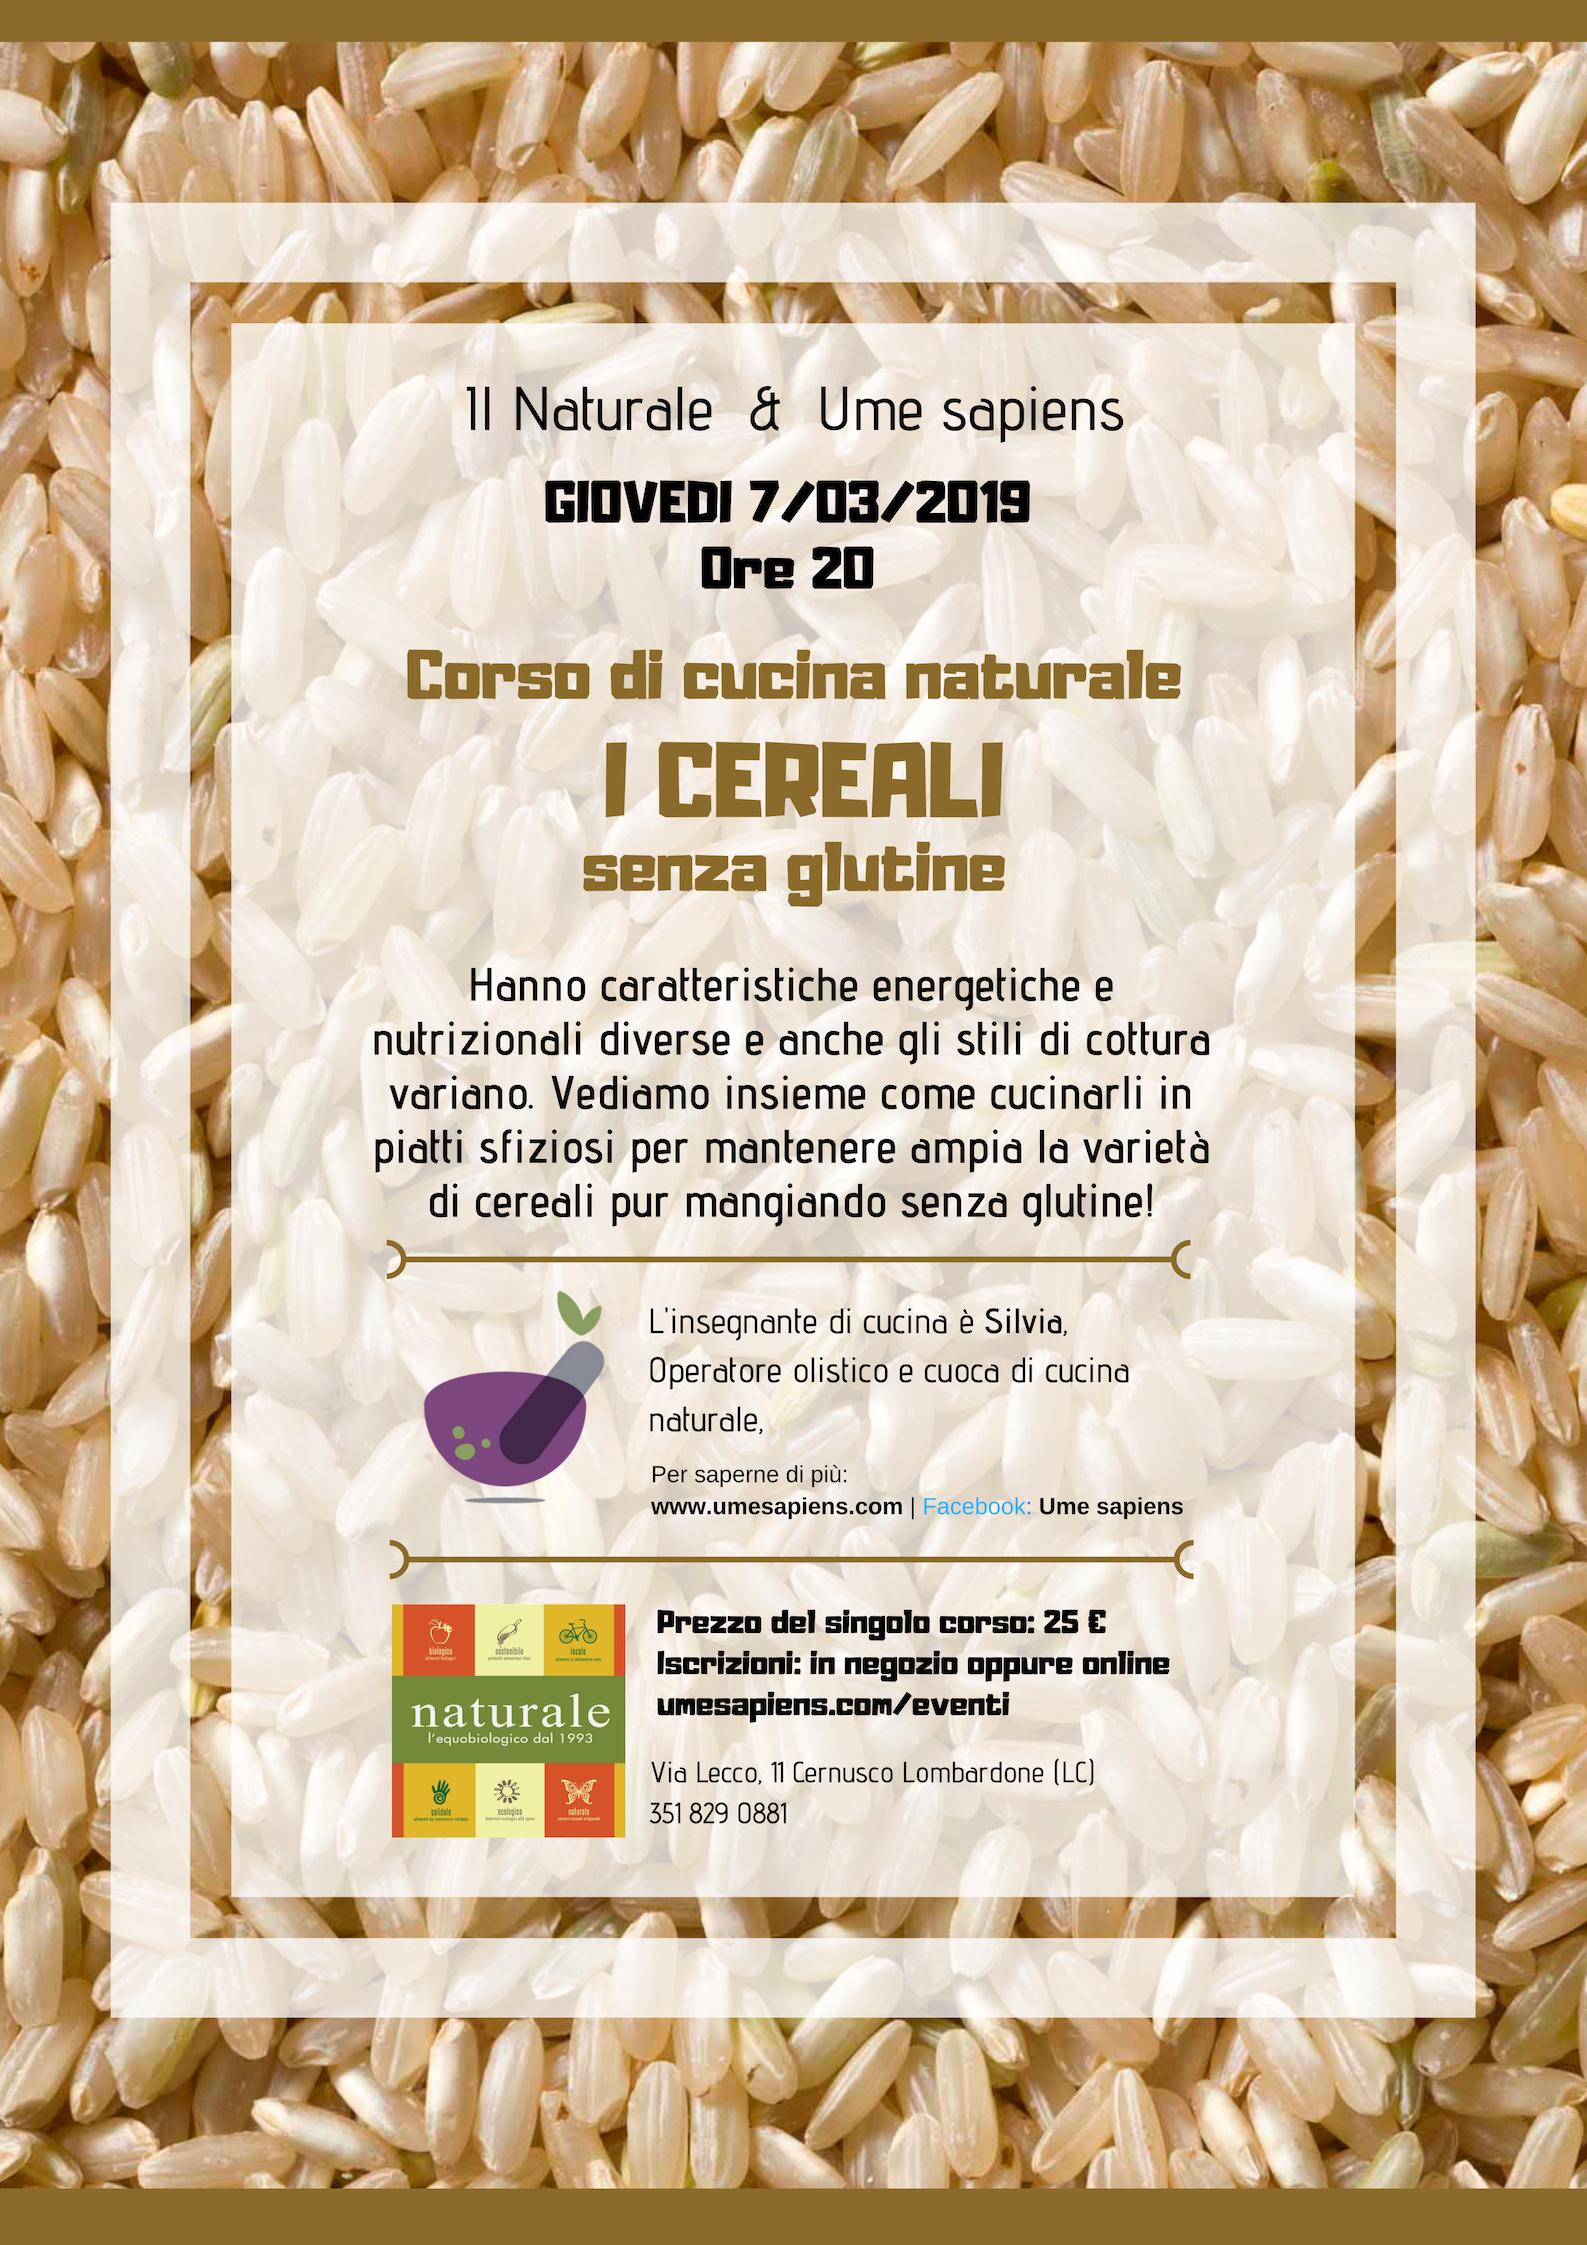 corso di cucina naturale CEREALI senza glutine